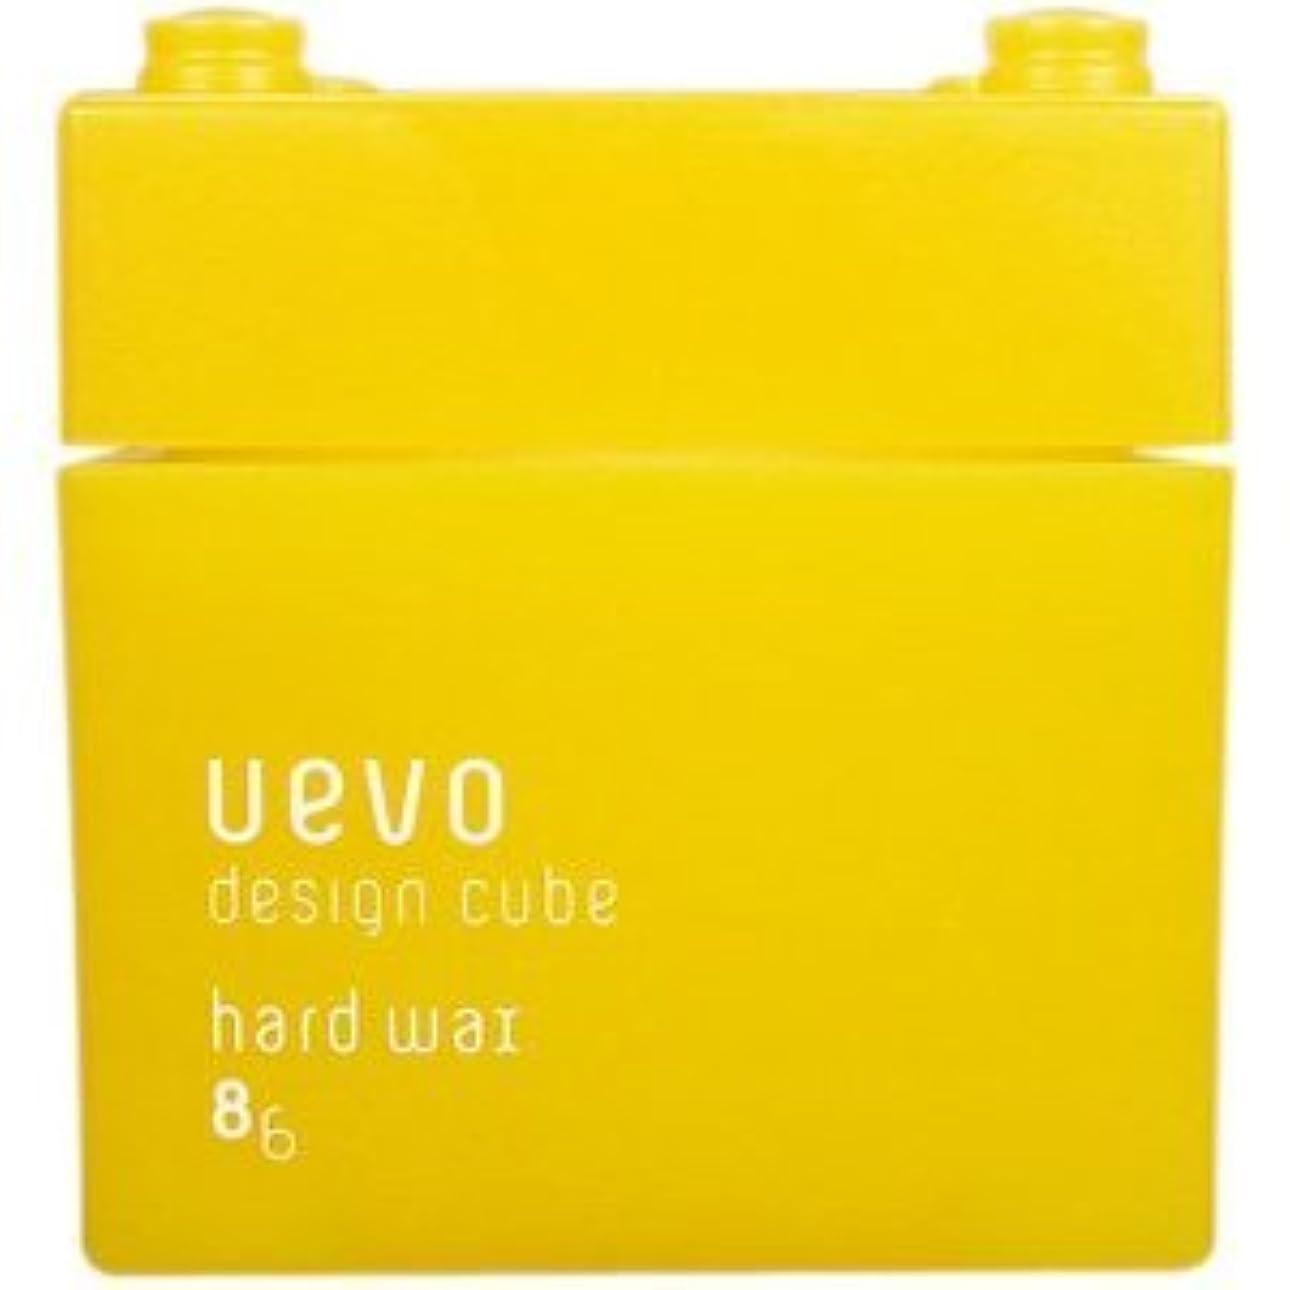 何十人もとんでもないミキサー【X3個セット】 デミ ウェーボ デザインキューブ ハードワックス 80g hard wax DEMI uevo design cube